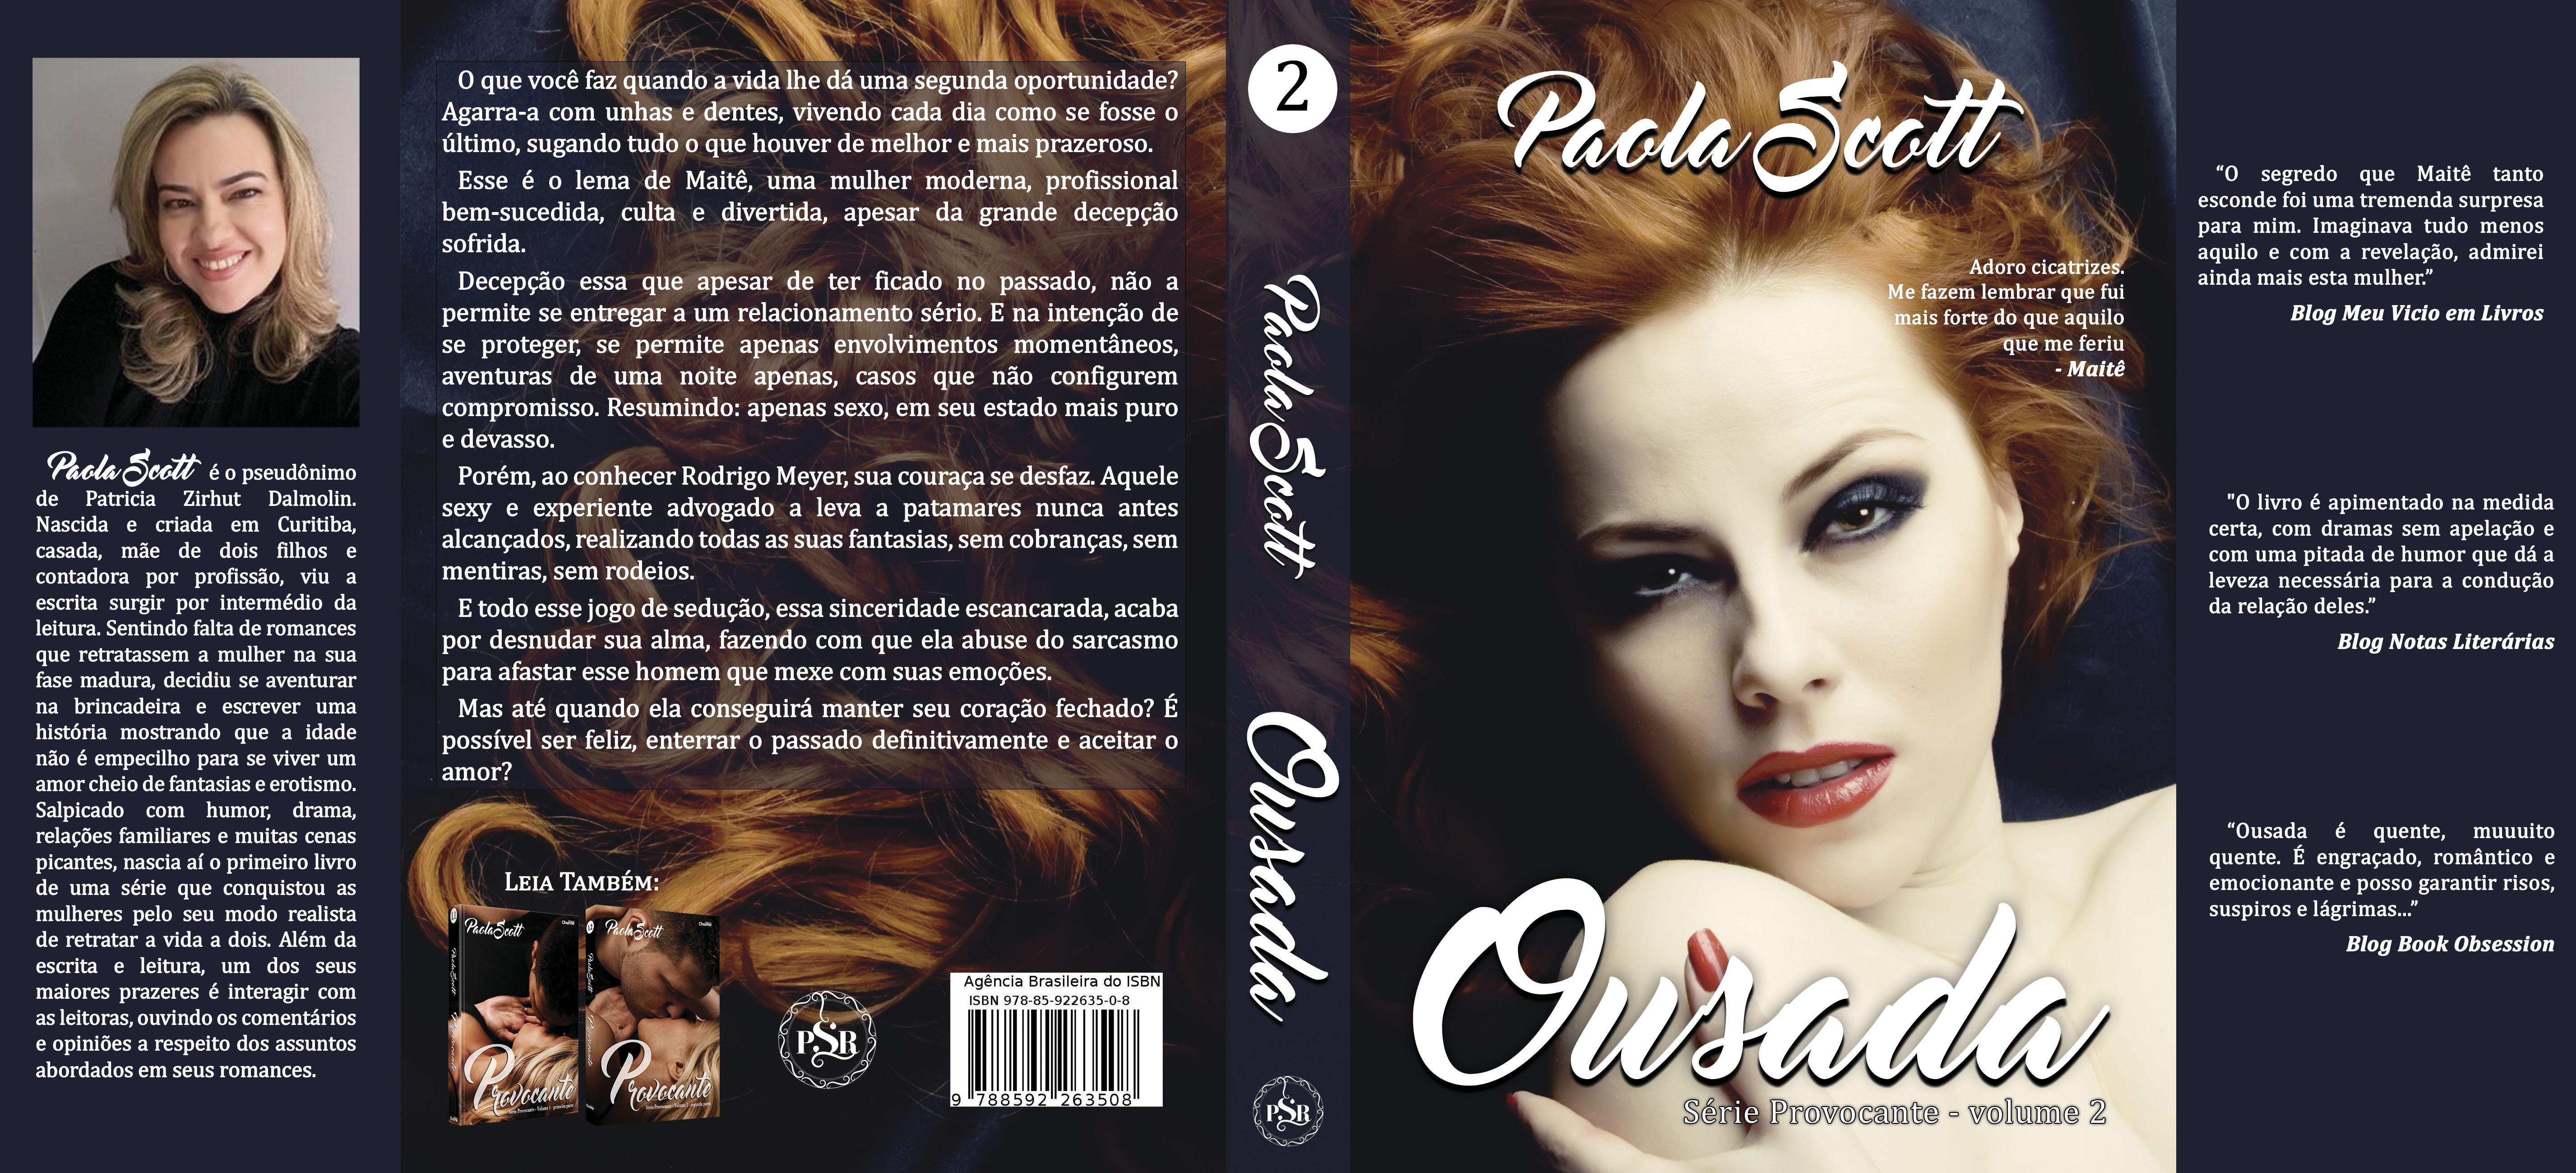 Ousada - série provocante 2 - Paola Scott